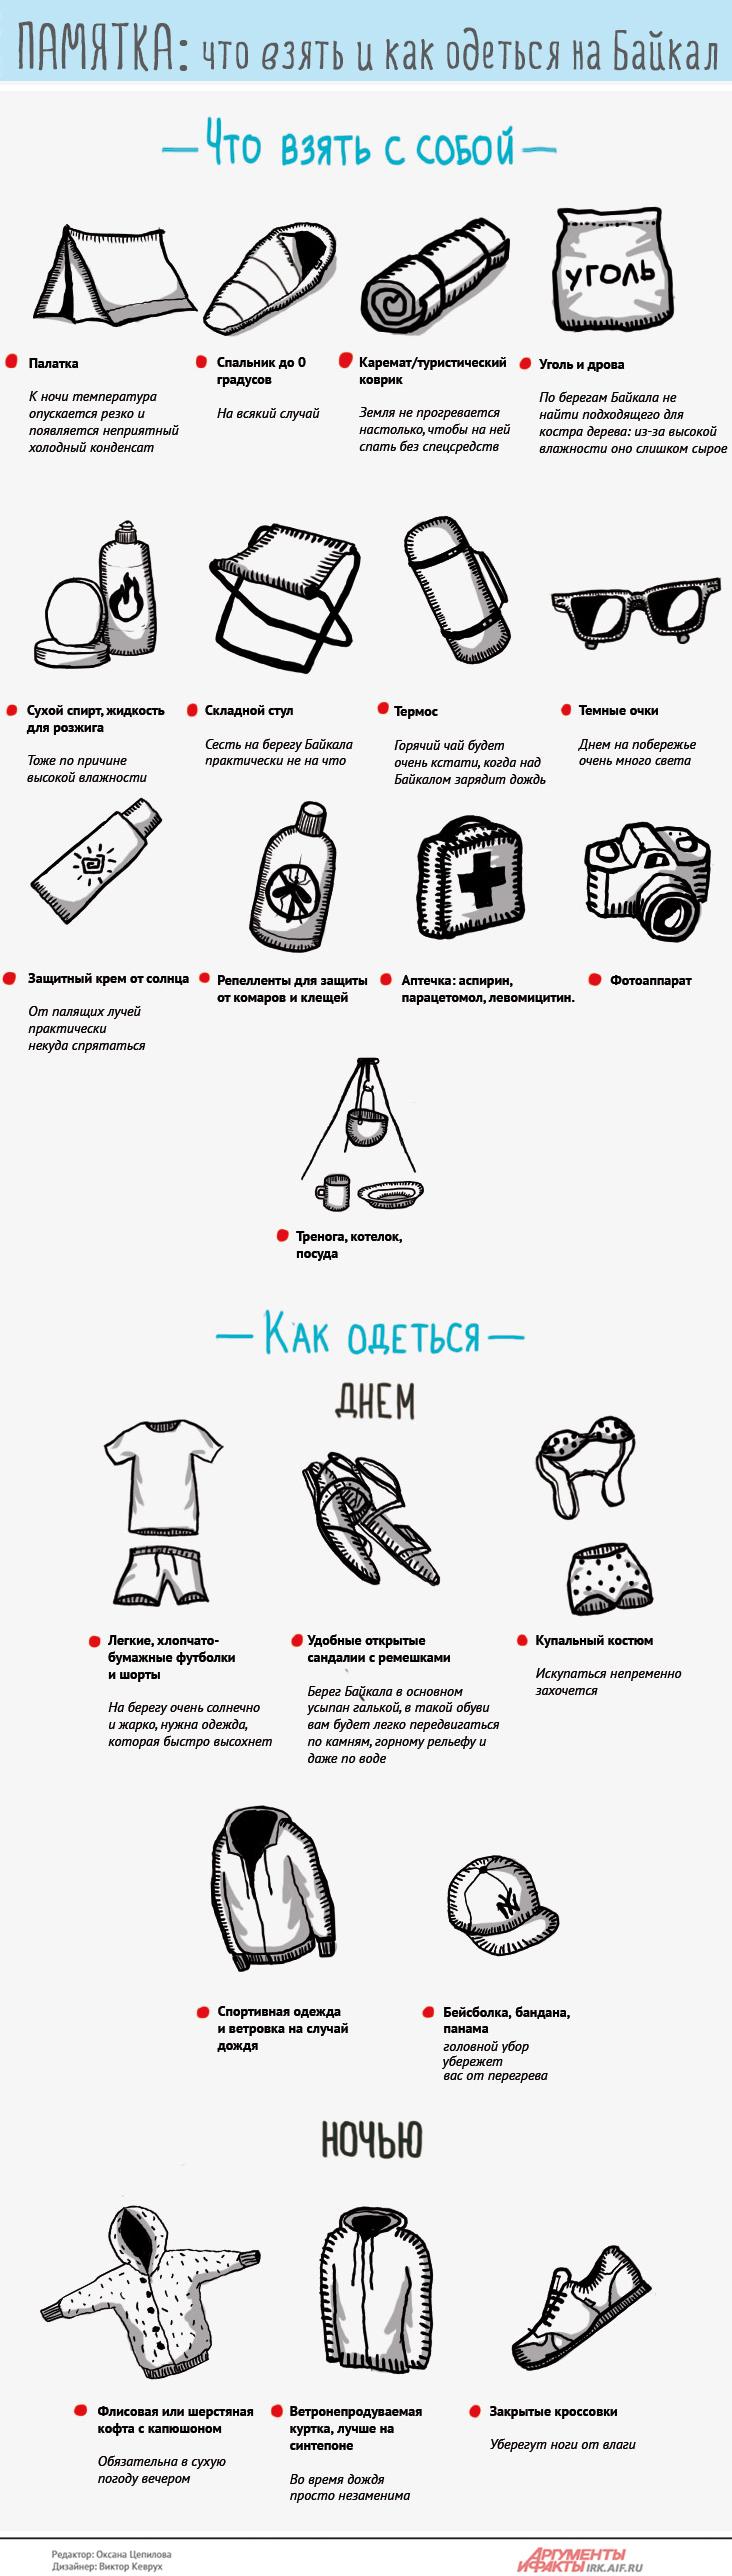 Памятка туриста. Что не забыть взять на Байкал